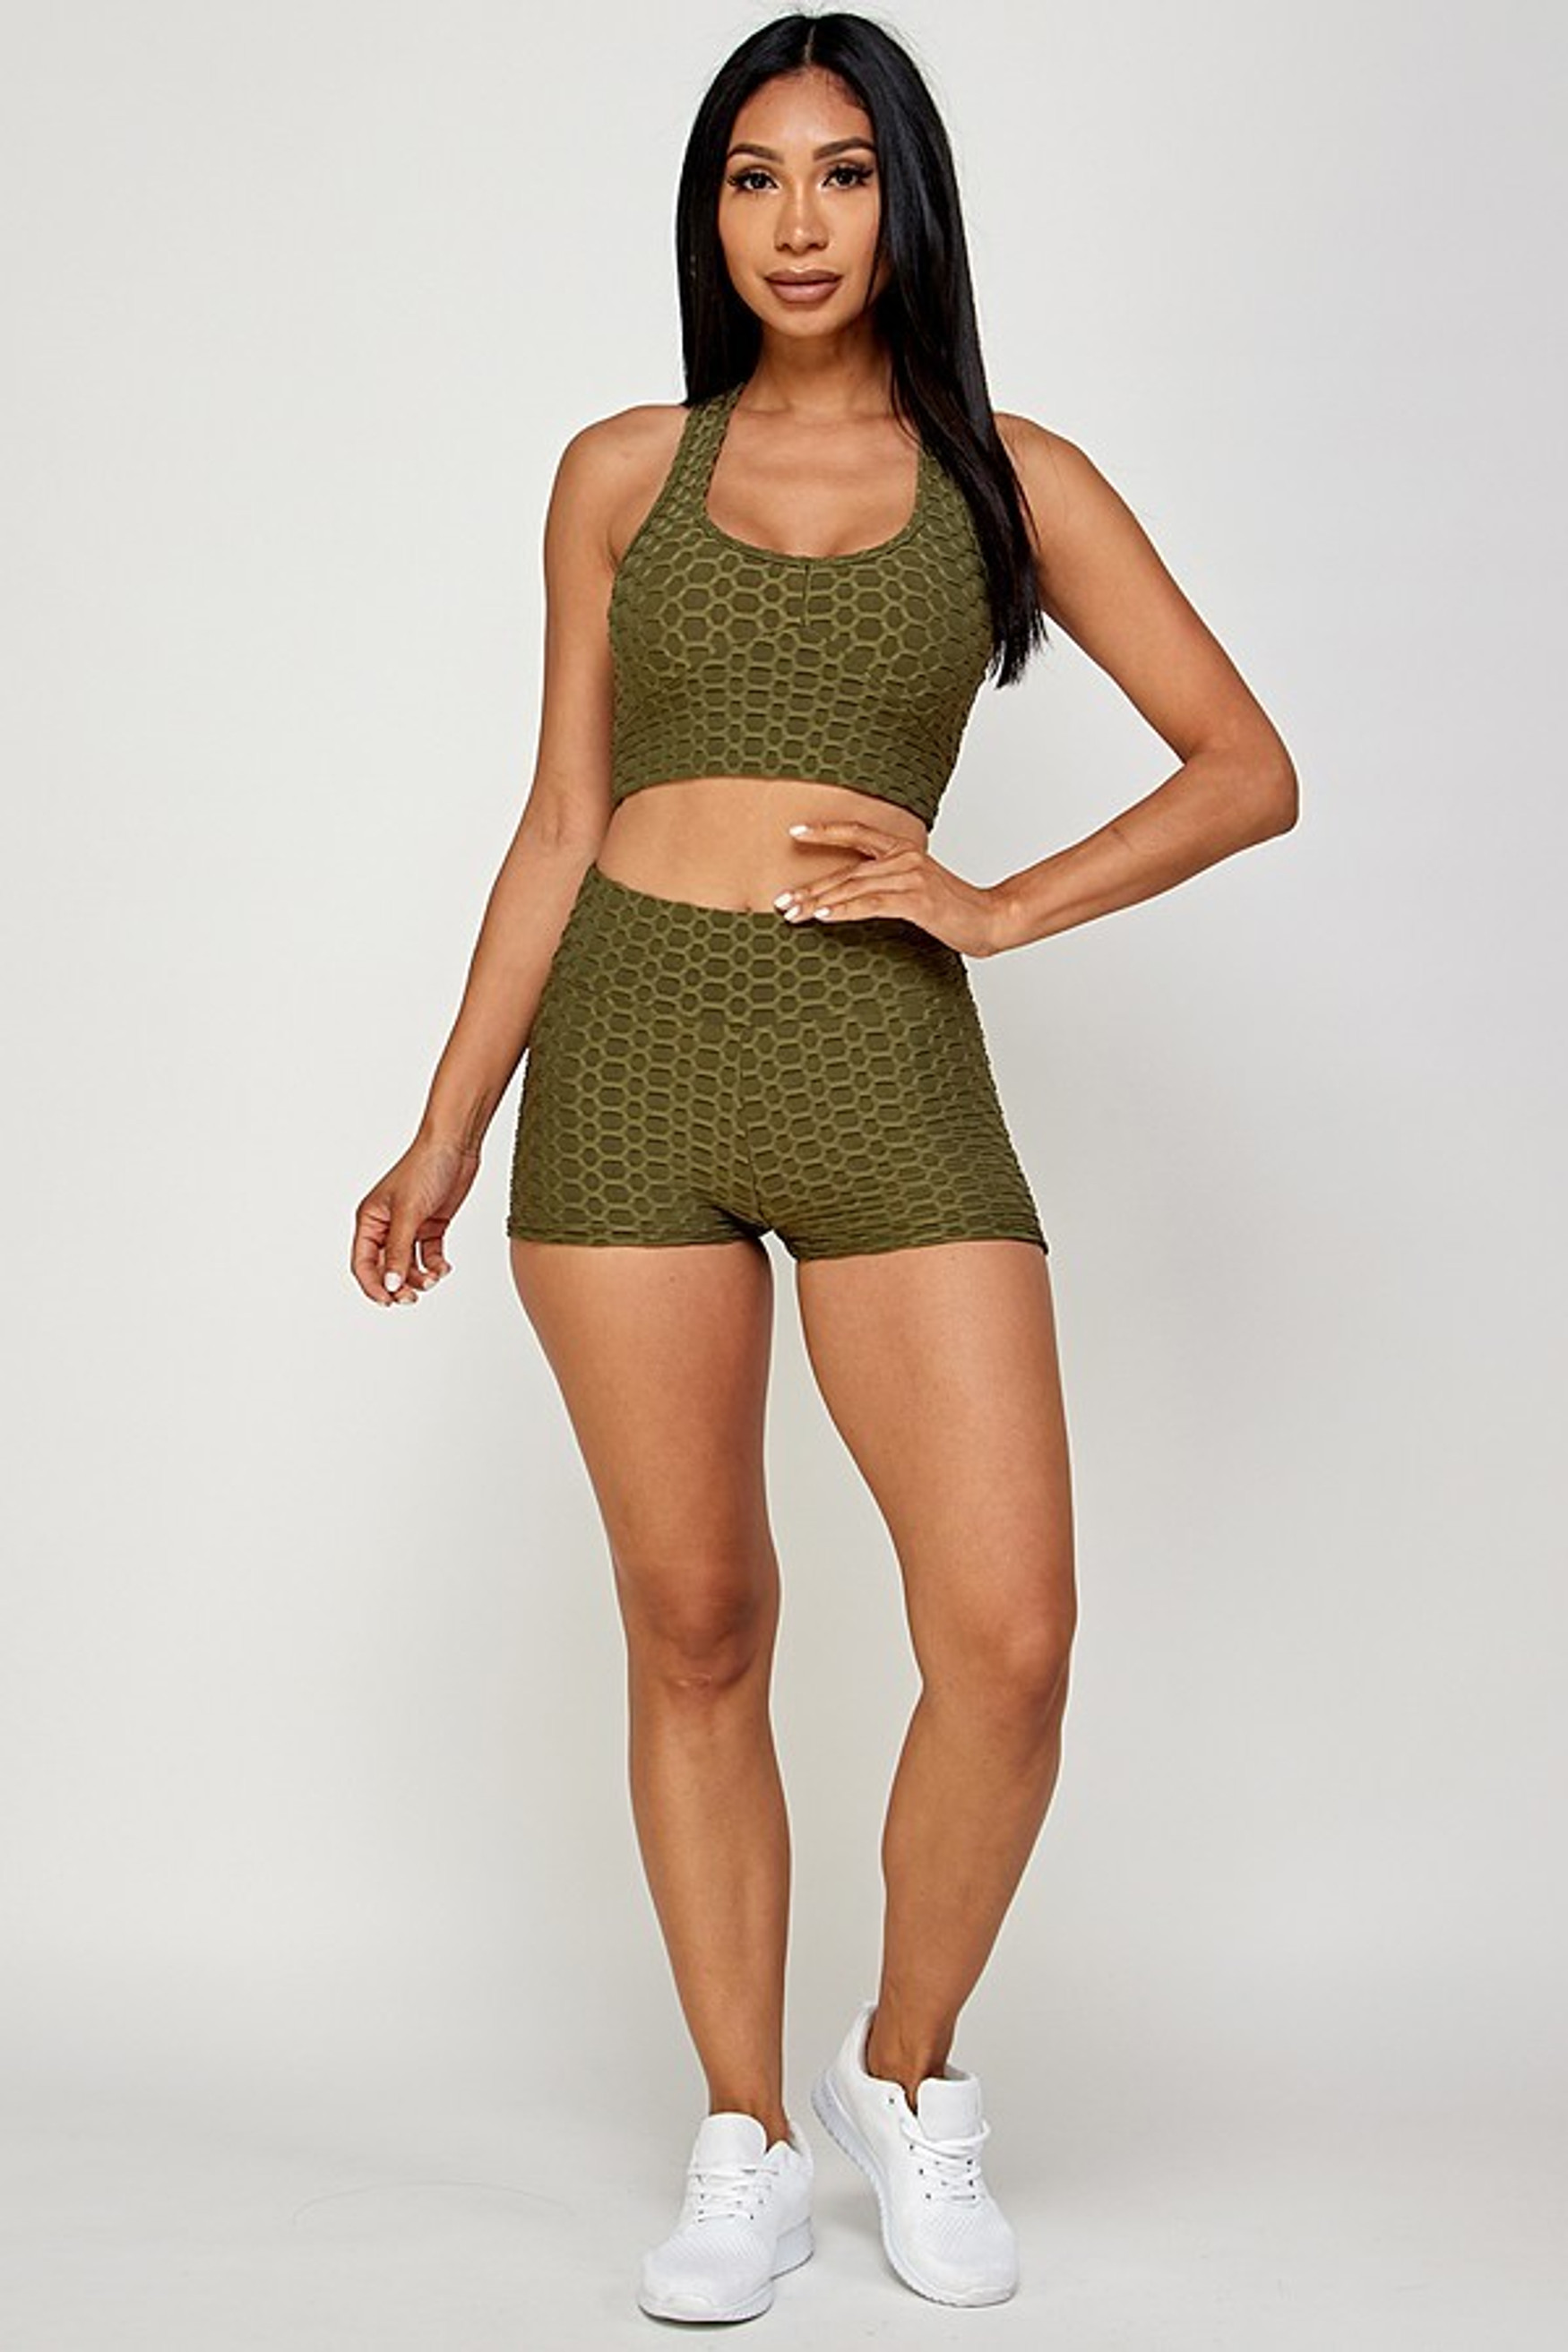 Olive  2 Piece Scrunch Butt Shorts and Crisscross Crop Top Set